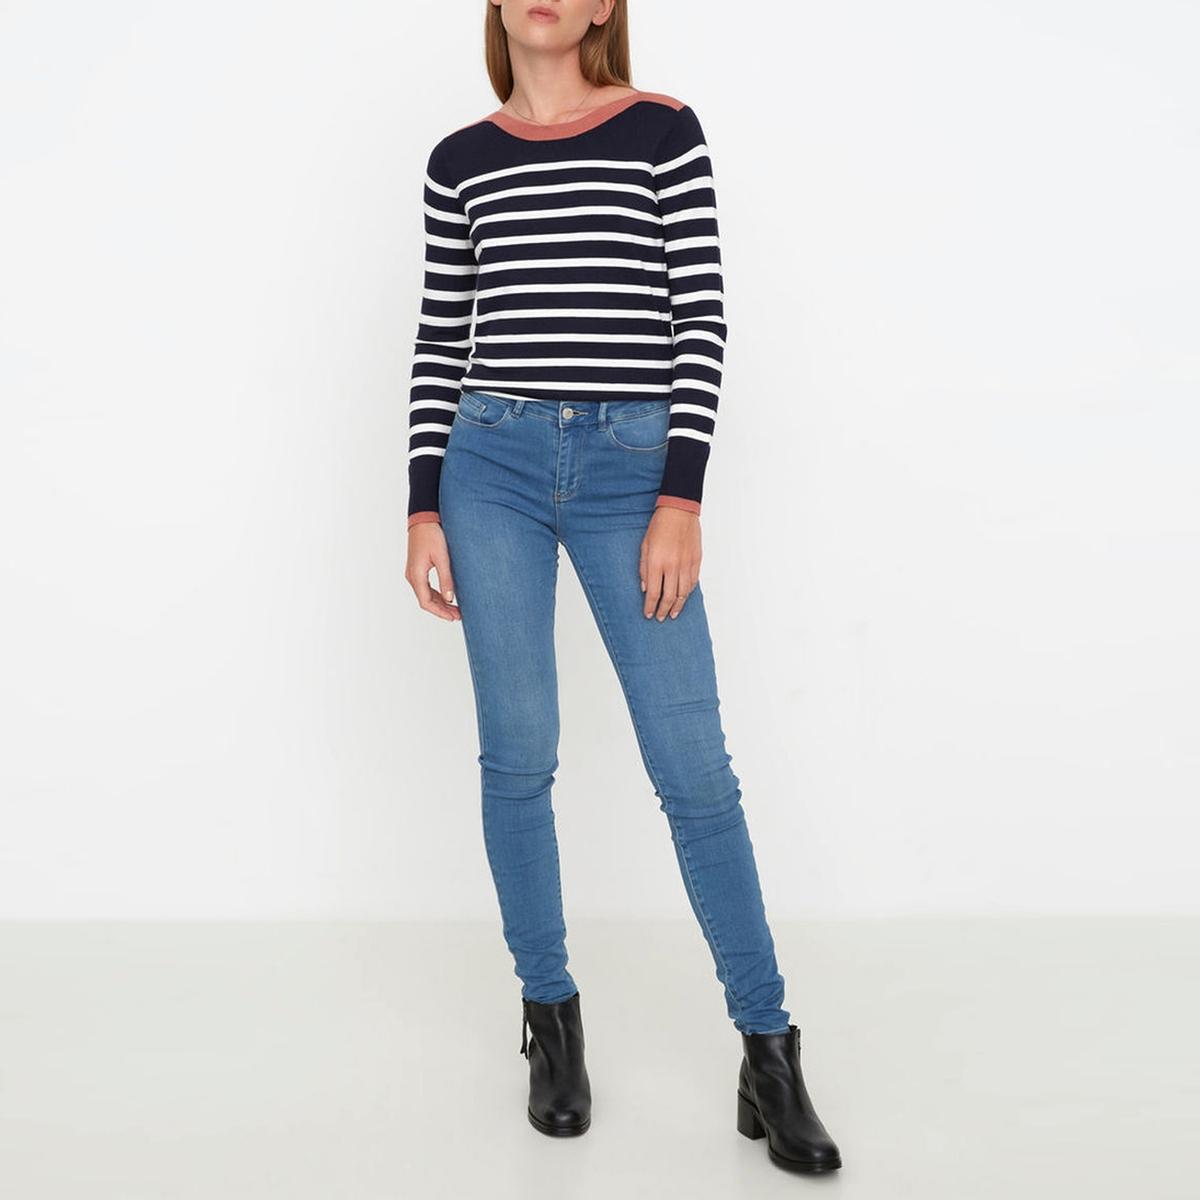 Джинсы узкие со стандартной талиейМатериал : 27% вискозы, 41% хлопка, 2% эластана, 30% полиэстера    Высота пояса : стандартная  Покрой джинсов : узкий  Длина джинсов : длина 34<br><br>Цвет: голубой<br>Размер: S